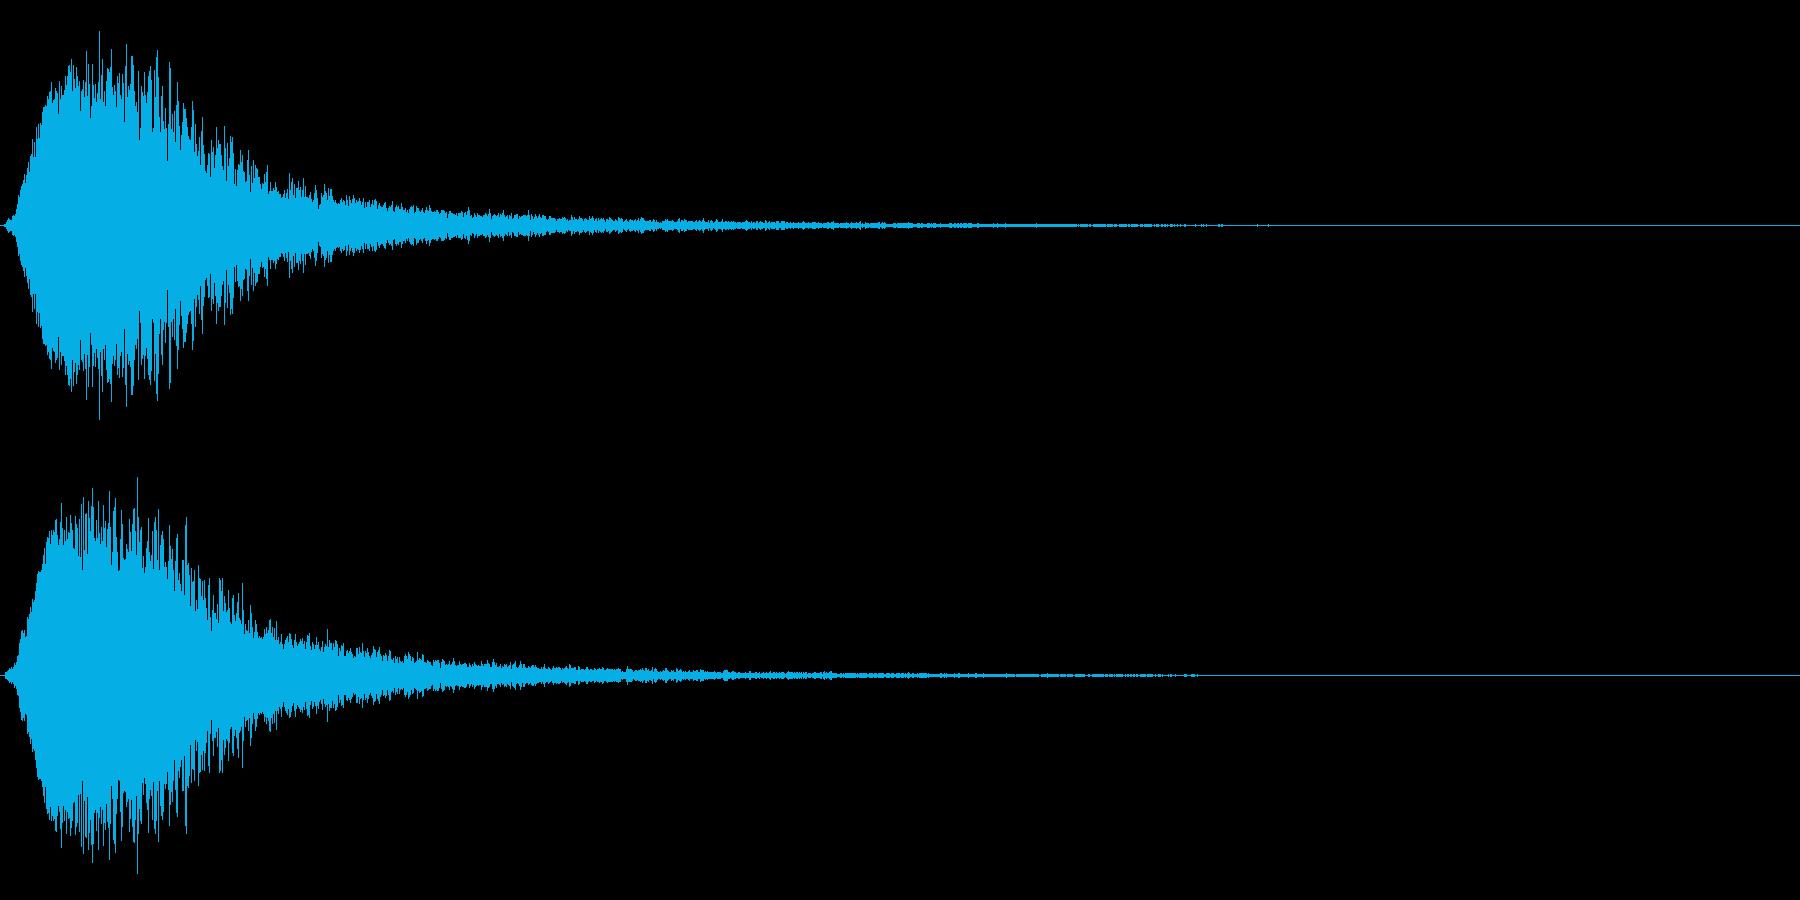 キラン☆シャキーン/派手なインパクト3vの再生済みの波形